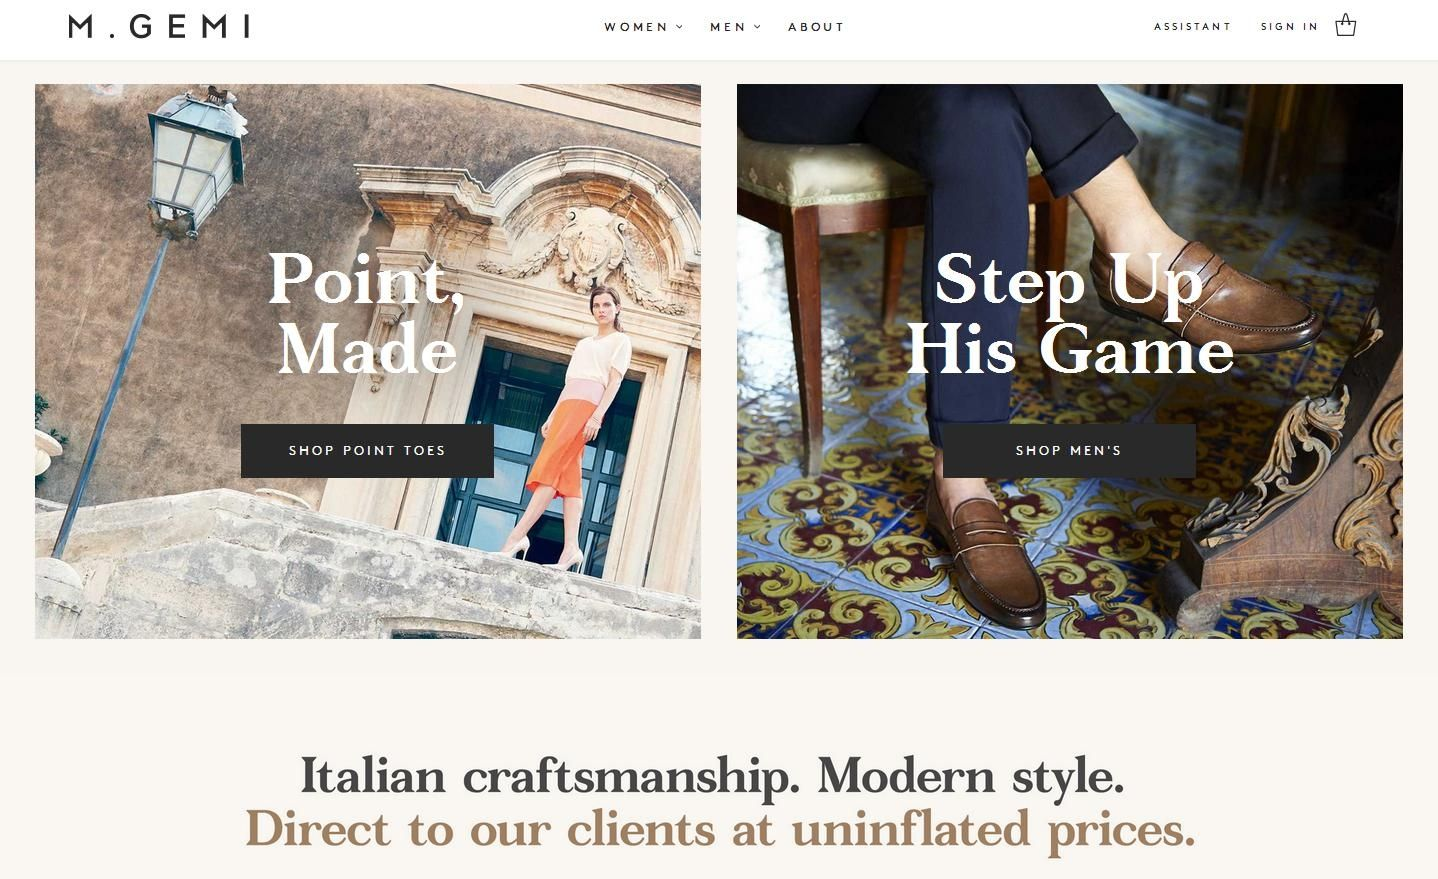 eac7d54db756 M.Gemi : le site de chaussures qui mise sur la 'marque Italie'